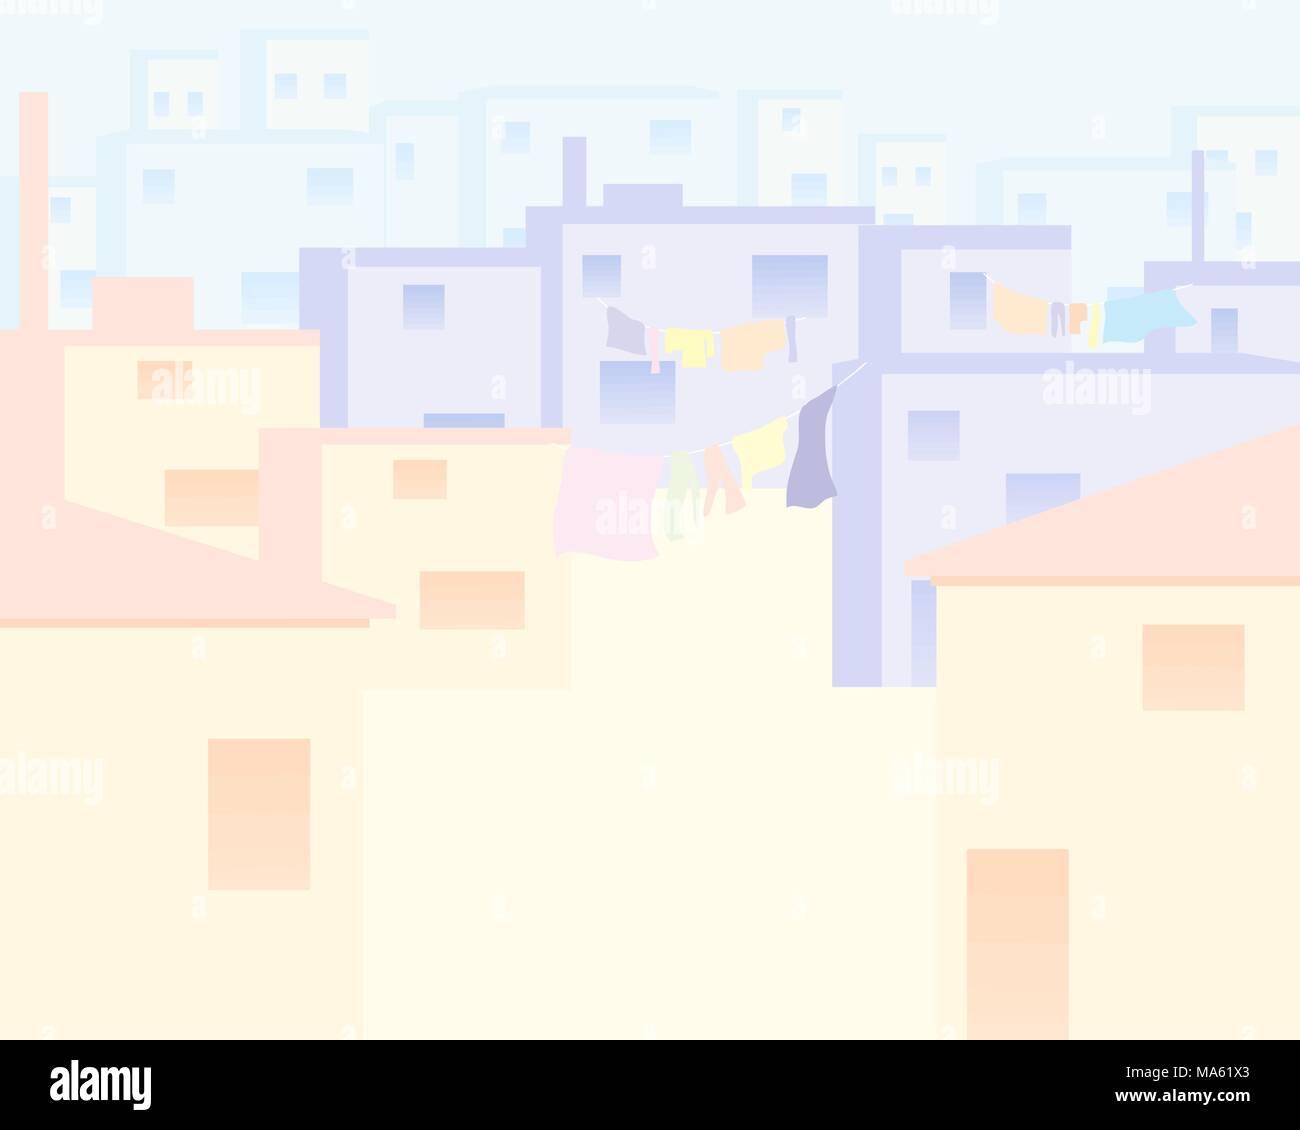 Una illustrazione vettoriale in formato eps di case in una città indiana fatta in una forma astratta con colori pallidi e spazio per il testo Immagini Stock